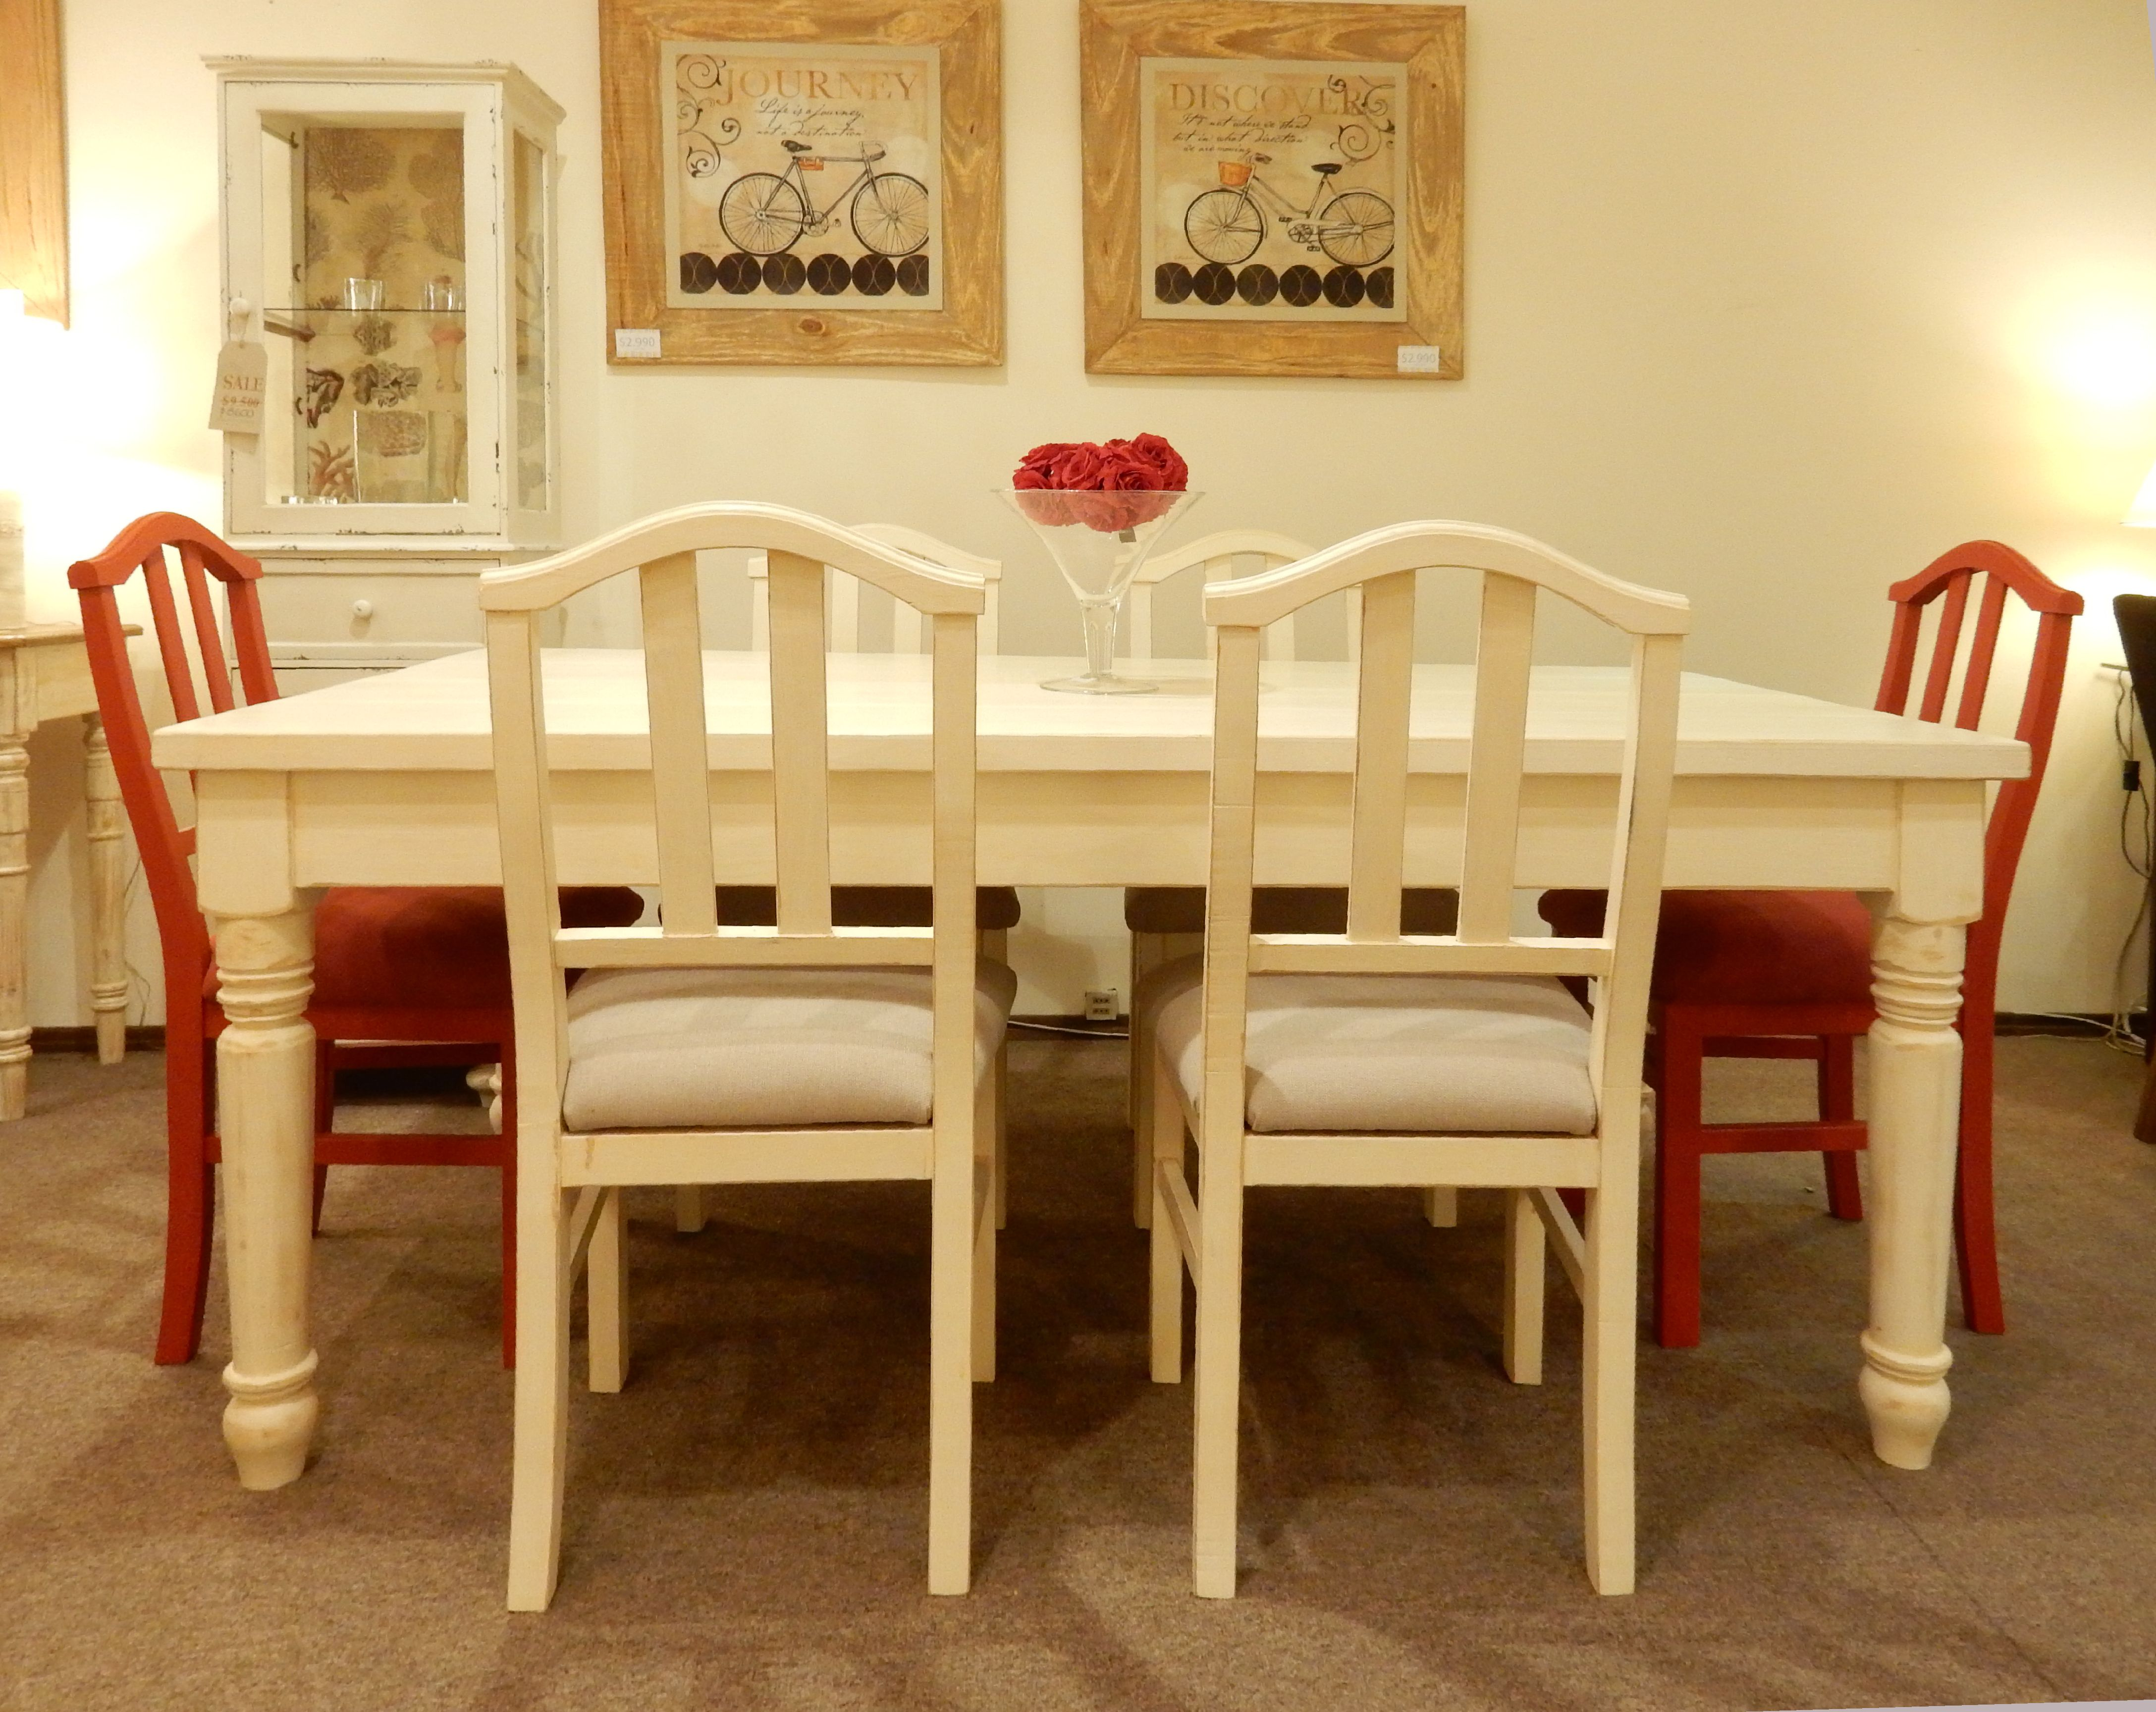 Juego de comedor con mesa de patas torneadas y sillas - Decoraciones de comedores ...